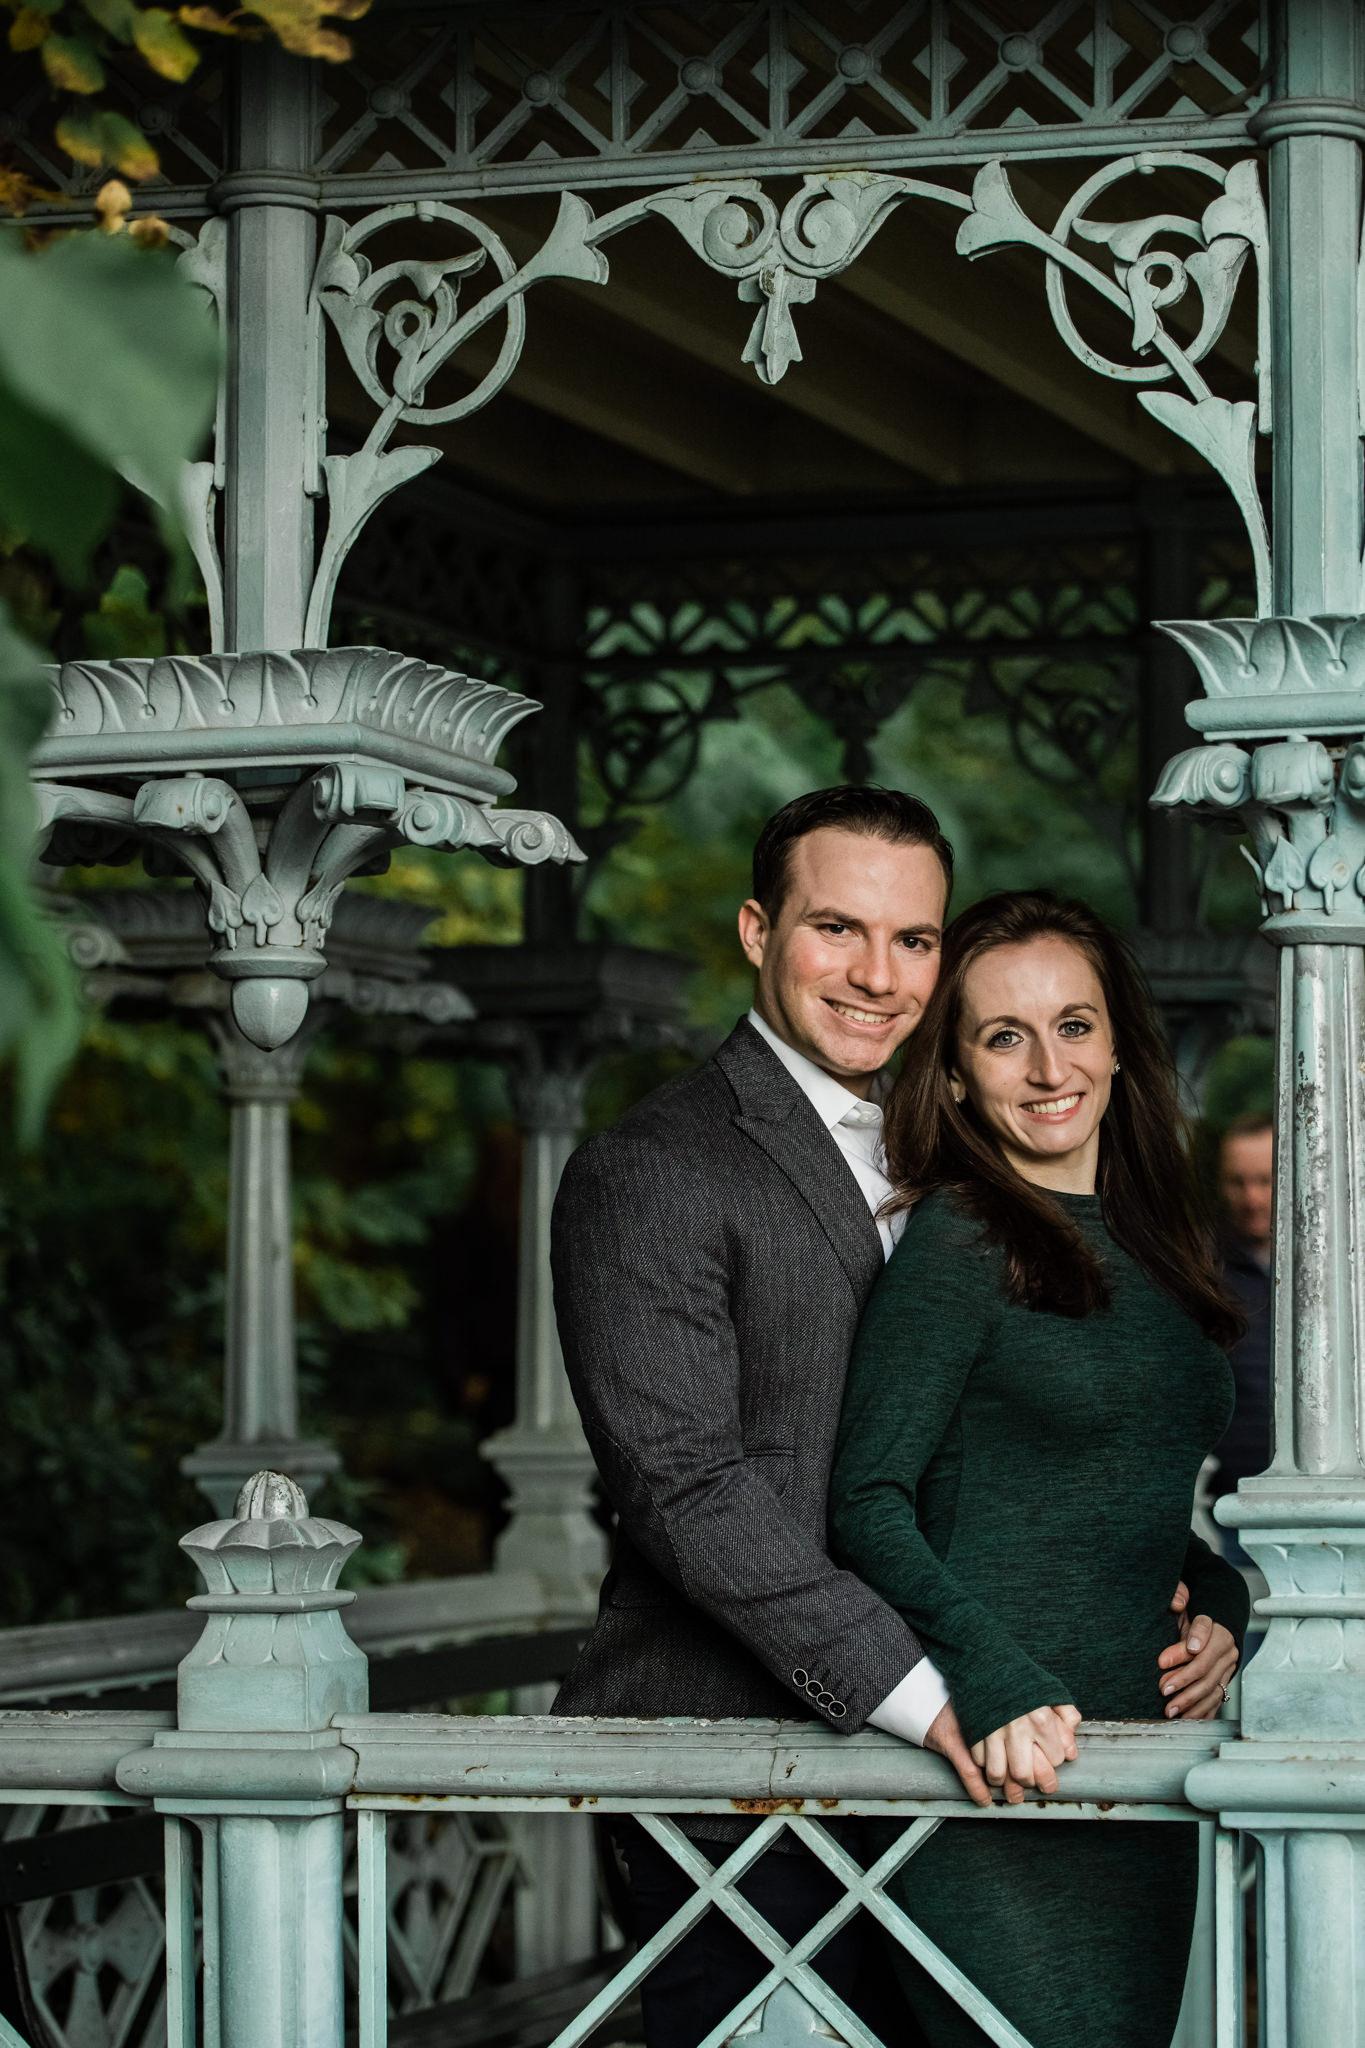 NEW_JERSEY_WEDDING_PHOTOGRAPHER_ARMZ_Z85_0538.jpg